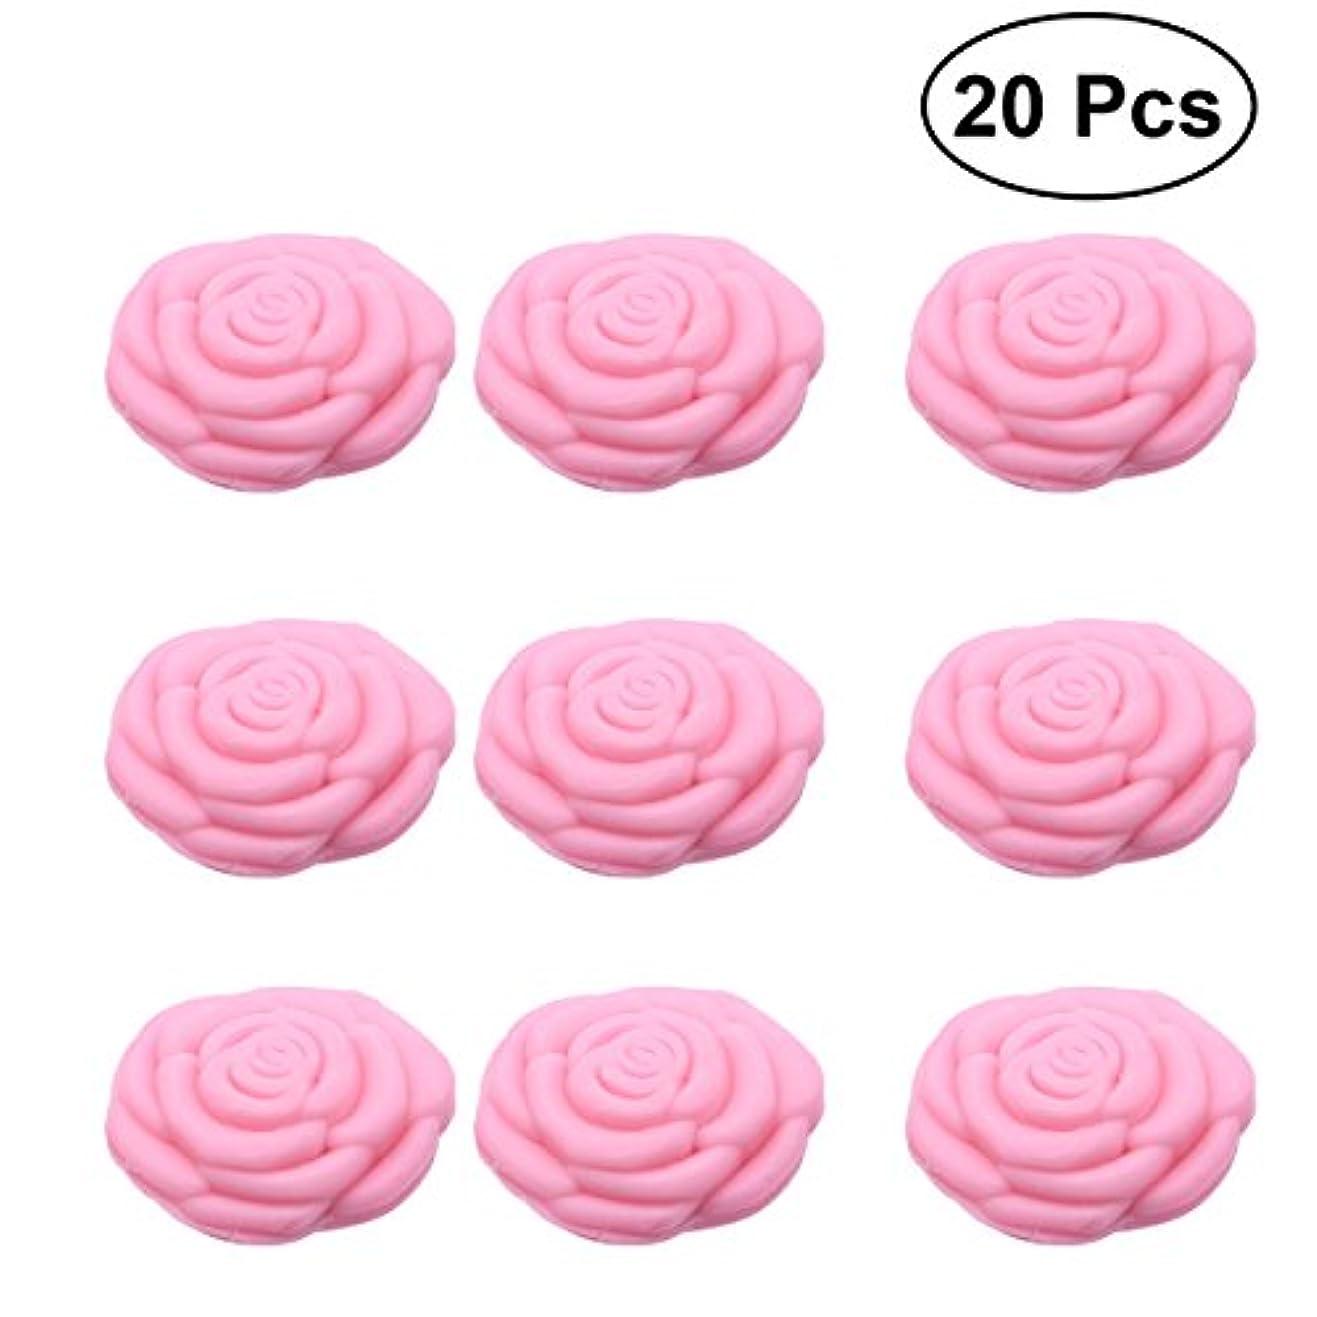 顎印刷する疾患Amosfun 手作り石鹸オイルローズフラワーソープアロマエッセンシャルオイルギフト記念日誕生日結婚式バレンタインデー(ピンク)20ピース